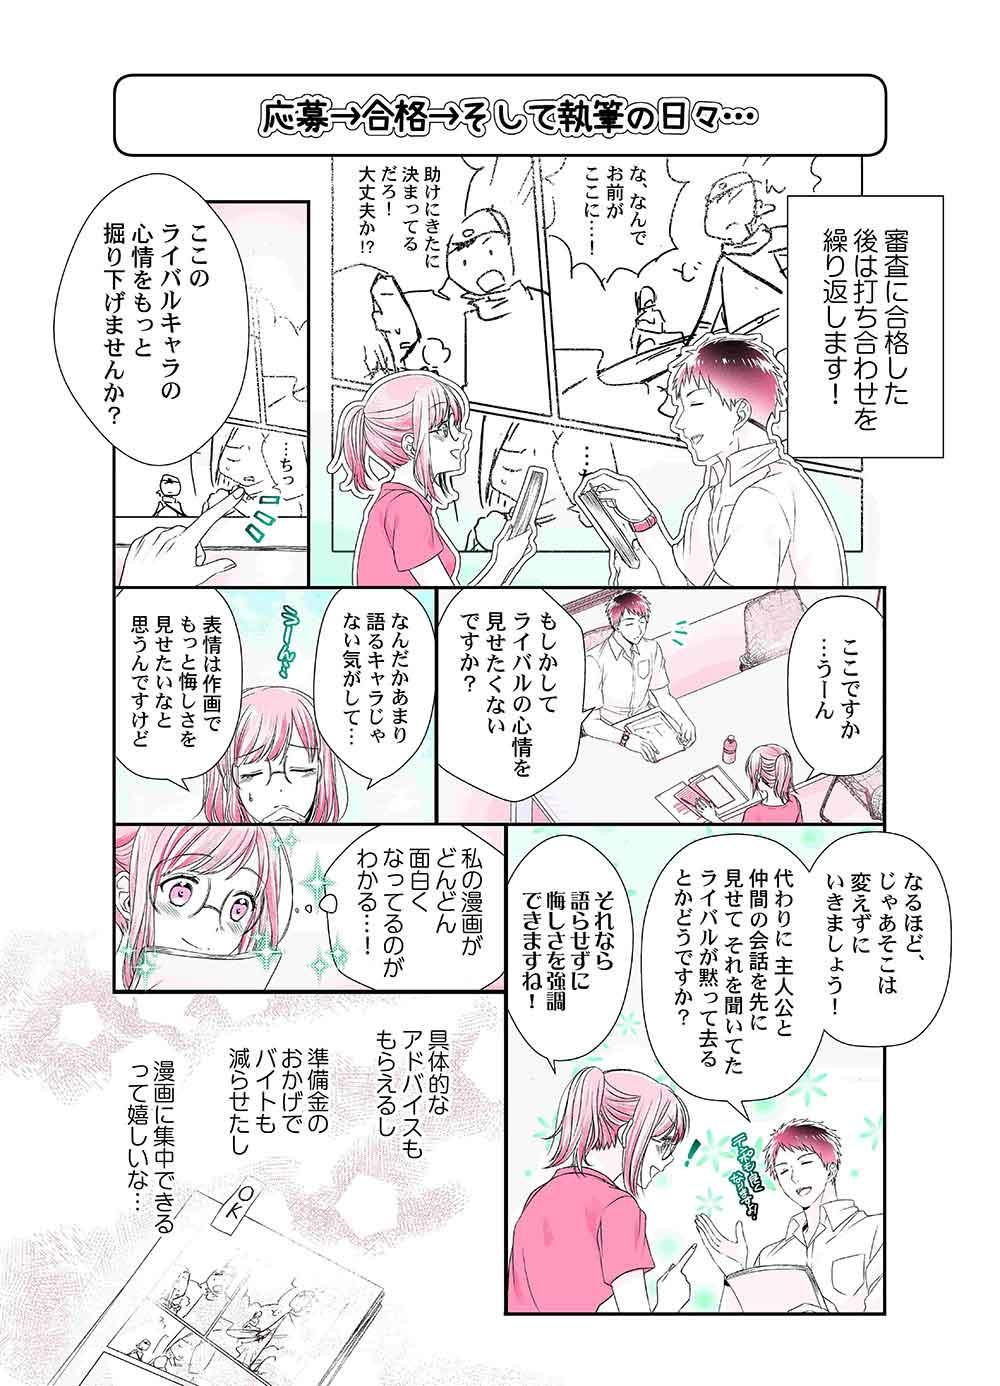 少女 漫画 主人公 ライバル さん